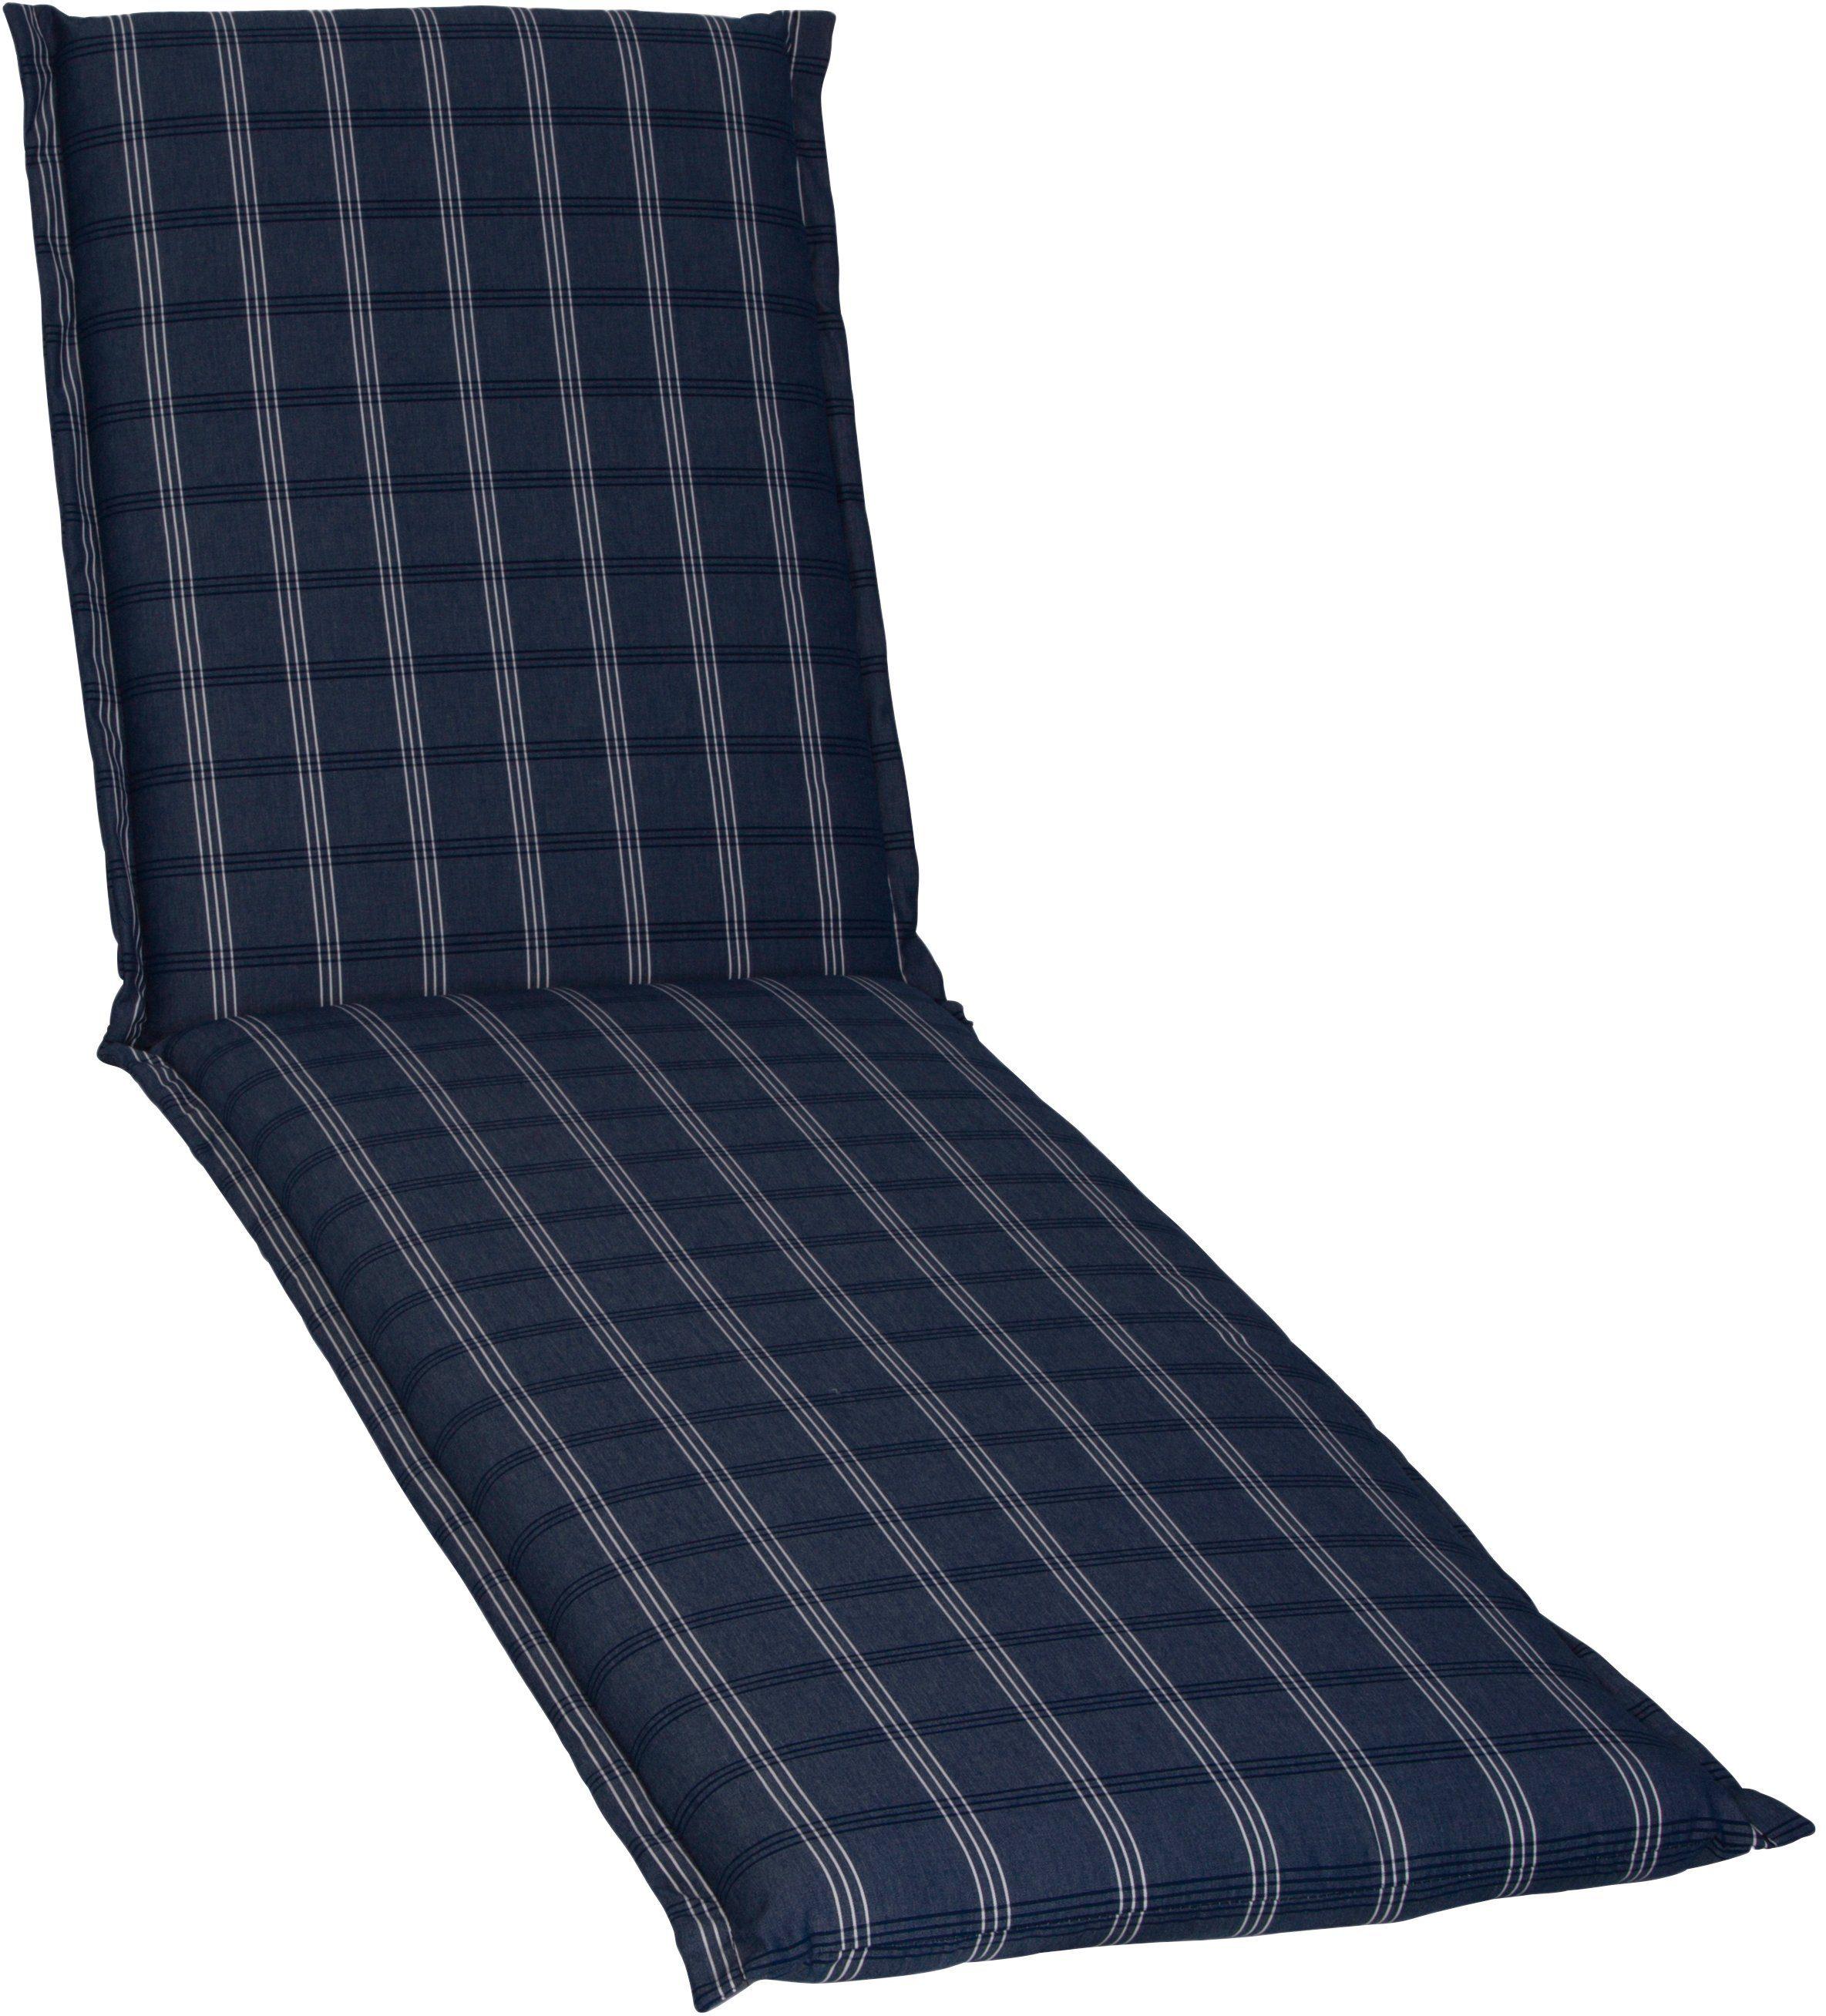 Liegenauflage »Ascot«, (L/B): ca. 195x62 cm